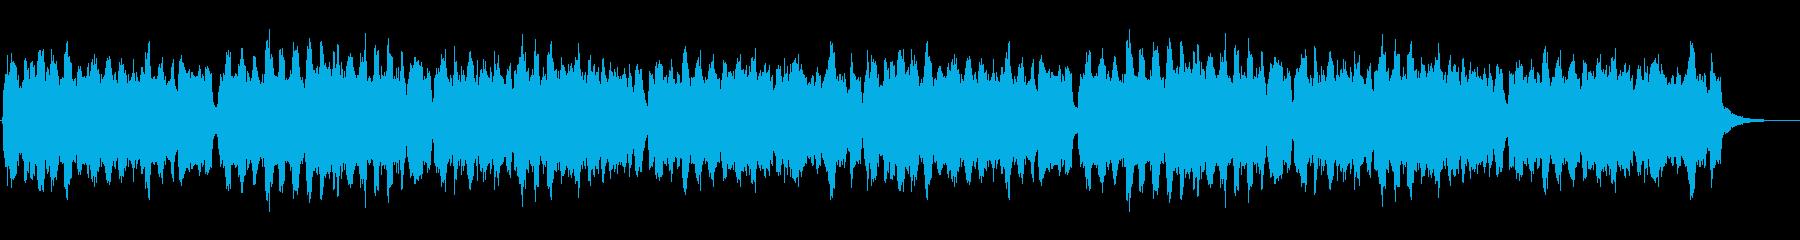 オルガン先生の再生済みの波形